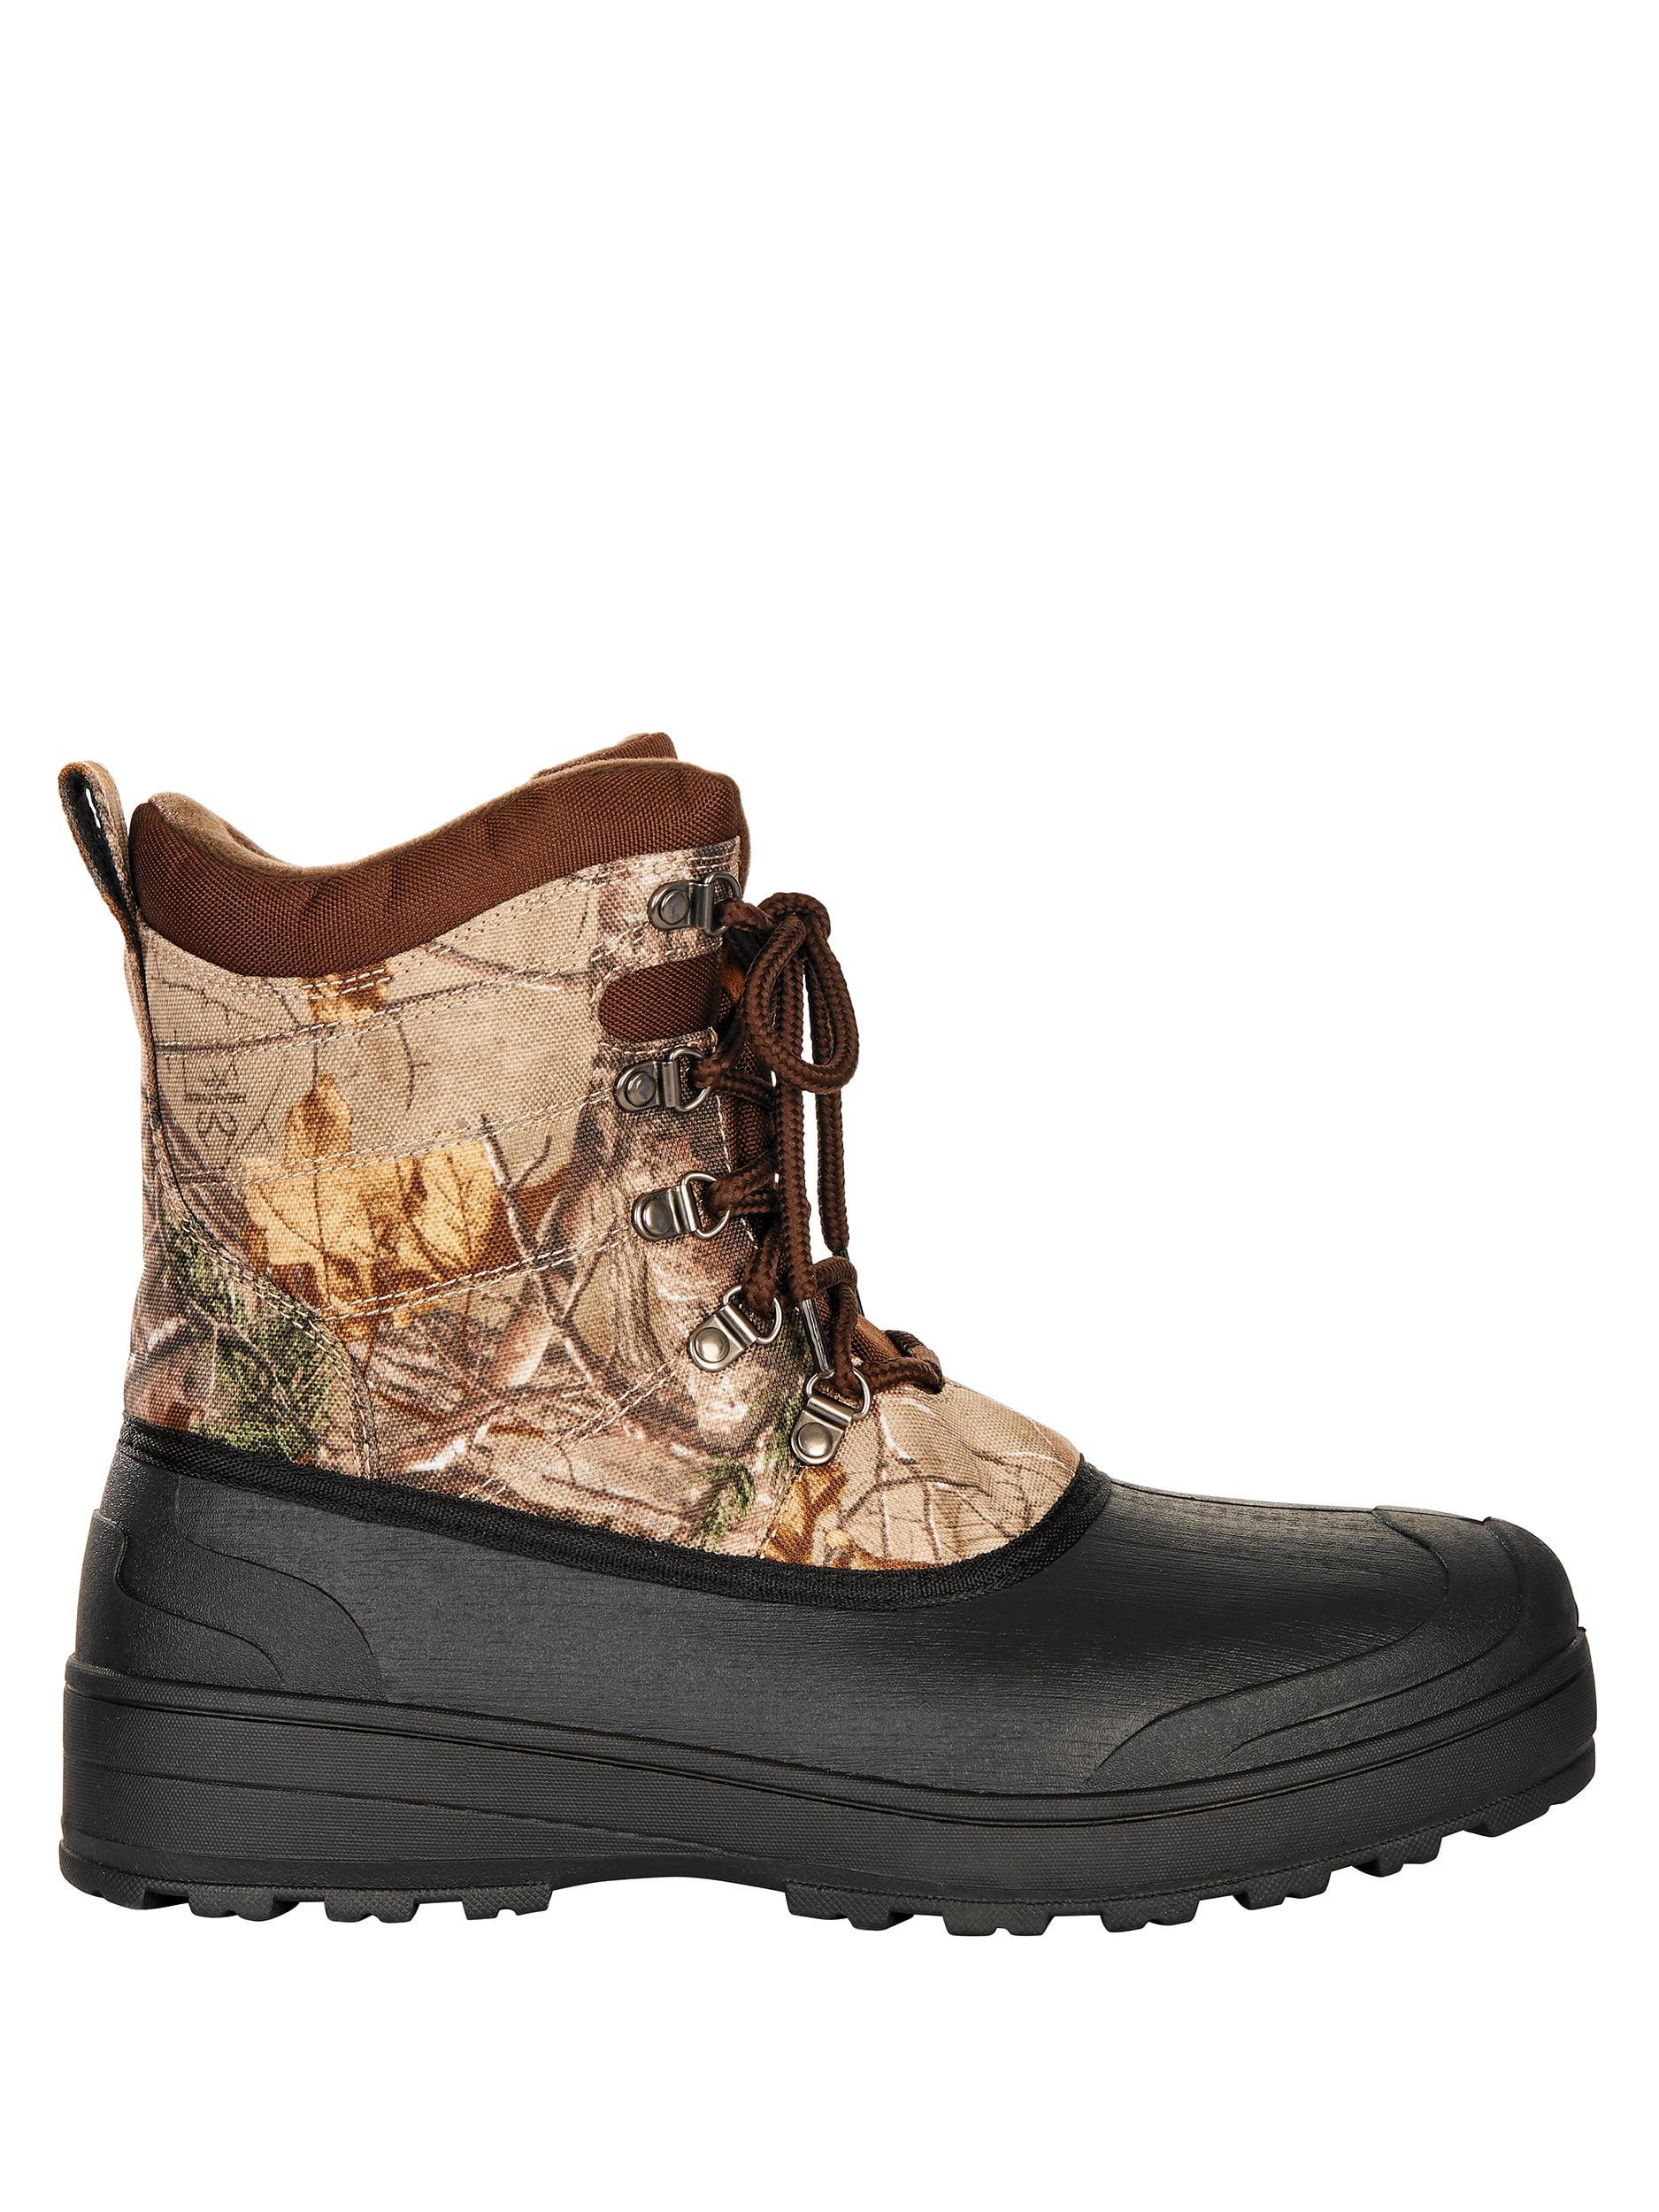 Ozark Trail Men's Waterproof Camouflage